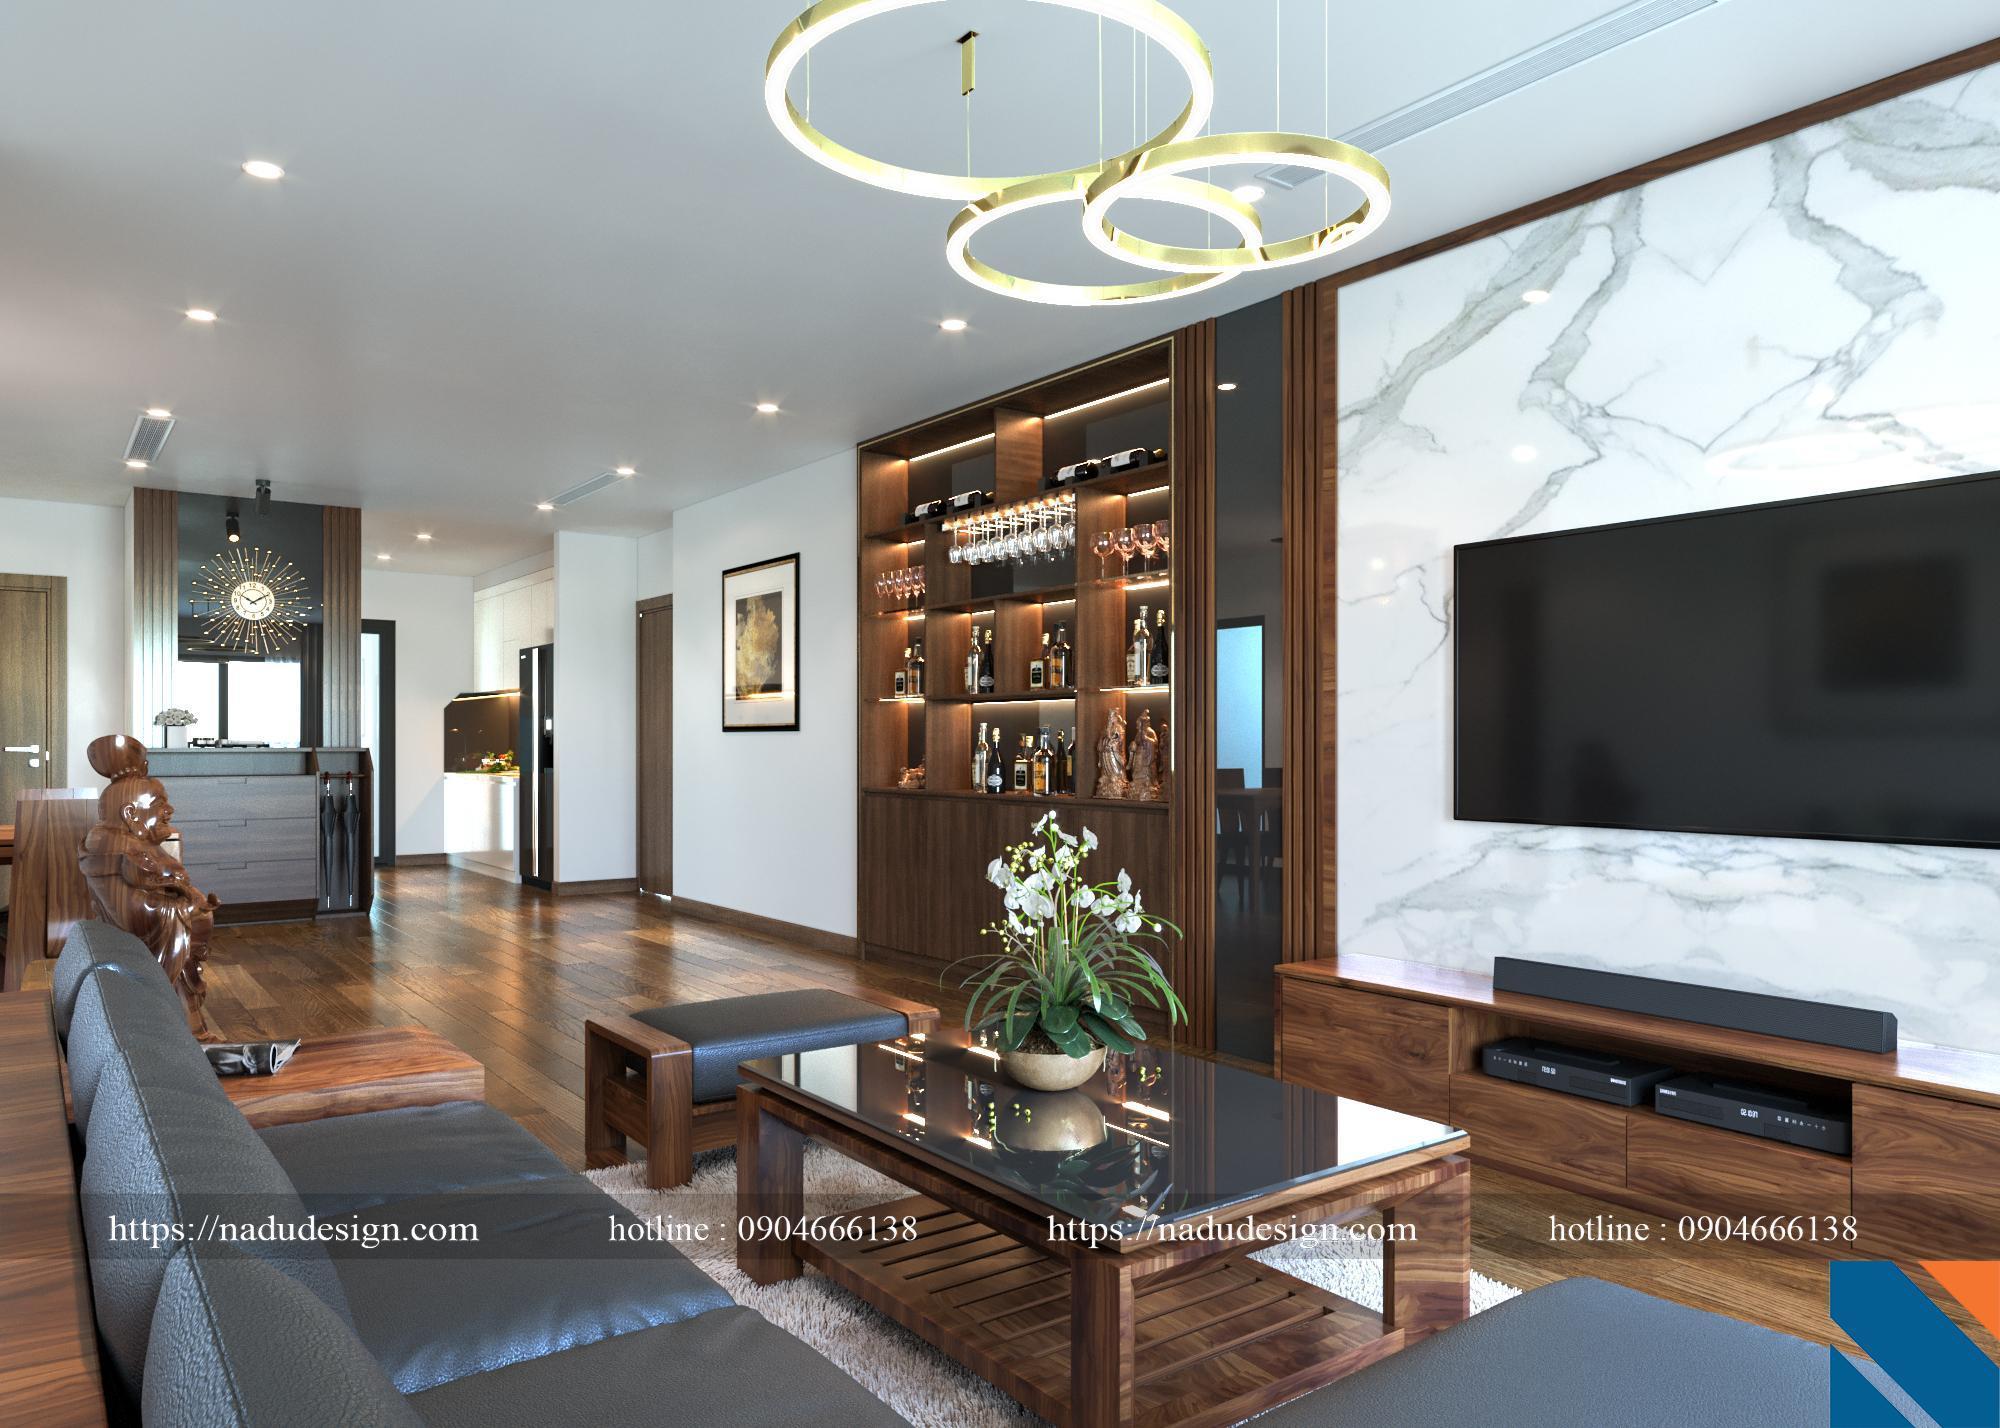 Đánh giá dịch vụ thiết kế nội thất uy tín tại Hà Nội